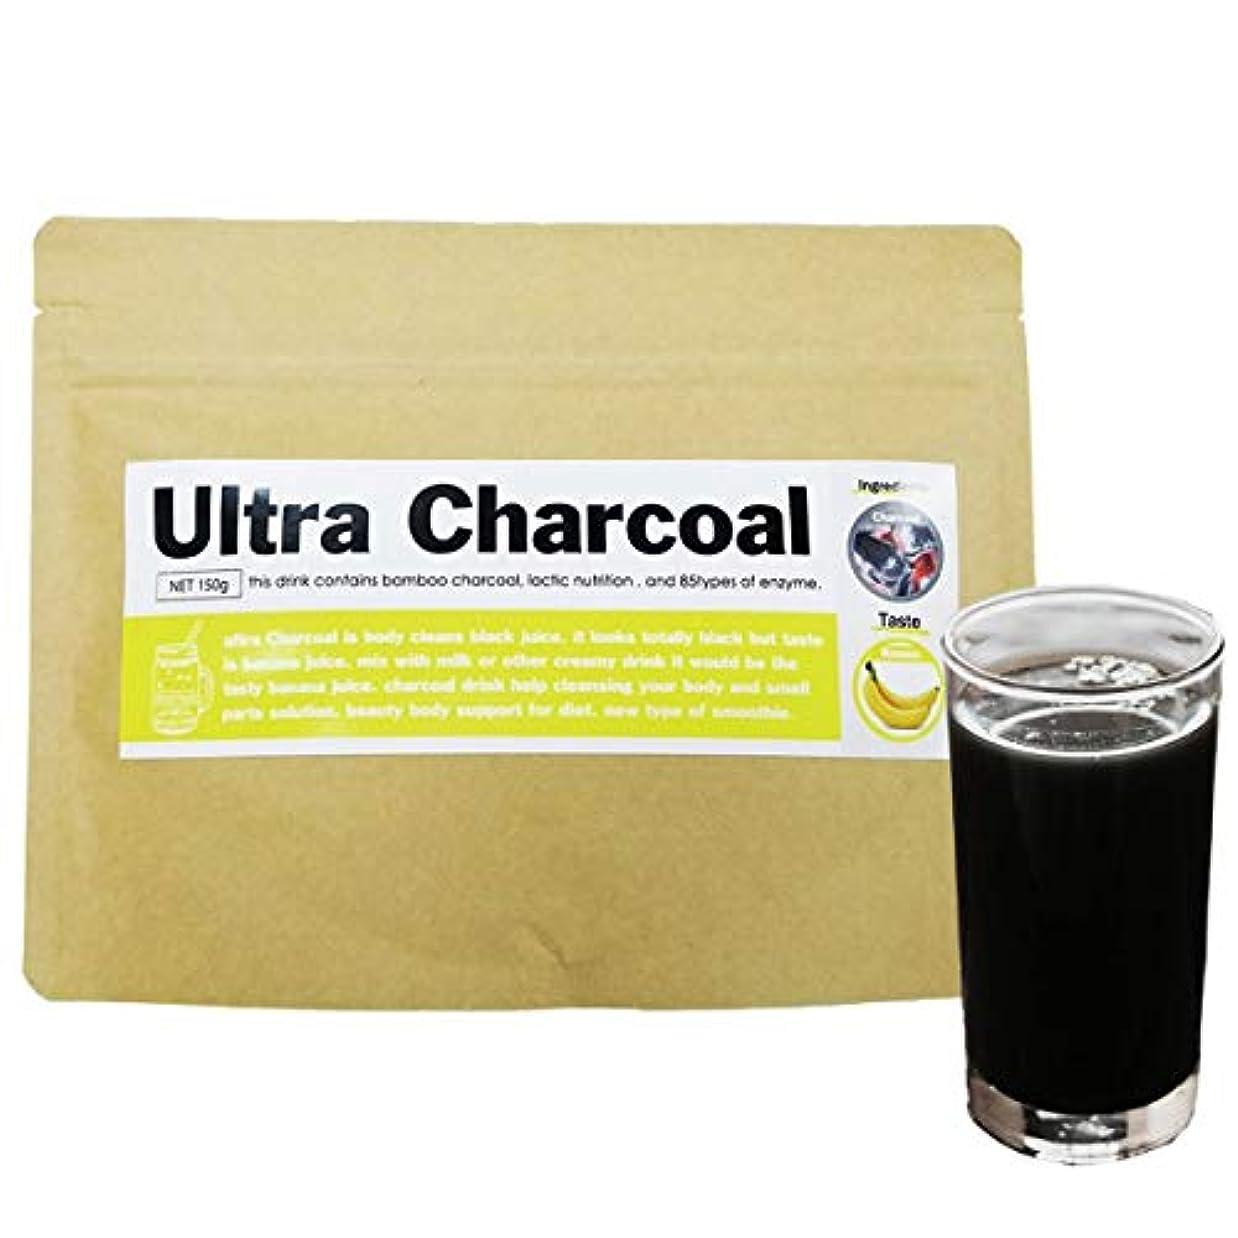 社説かけがえのない一般的なウルトラチャコール 飲む炭 ダイエットドリンク 活性炭 竹炭 備長炭入り 150g バナナ味